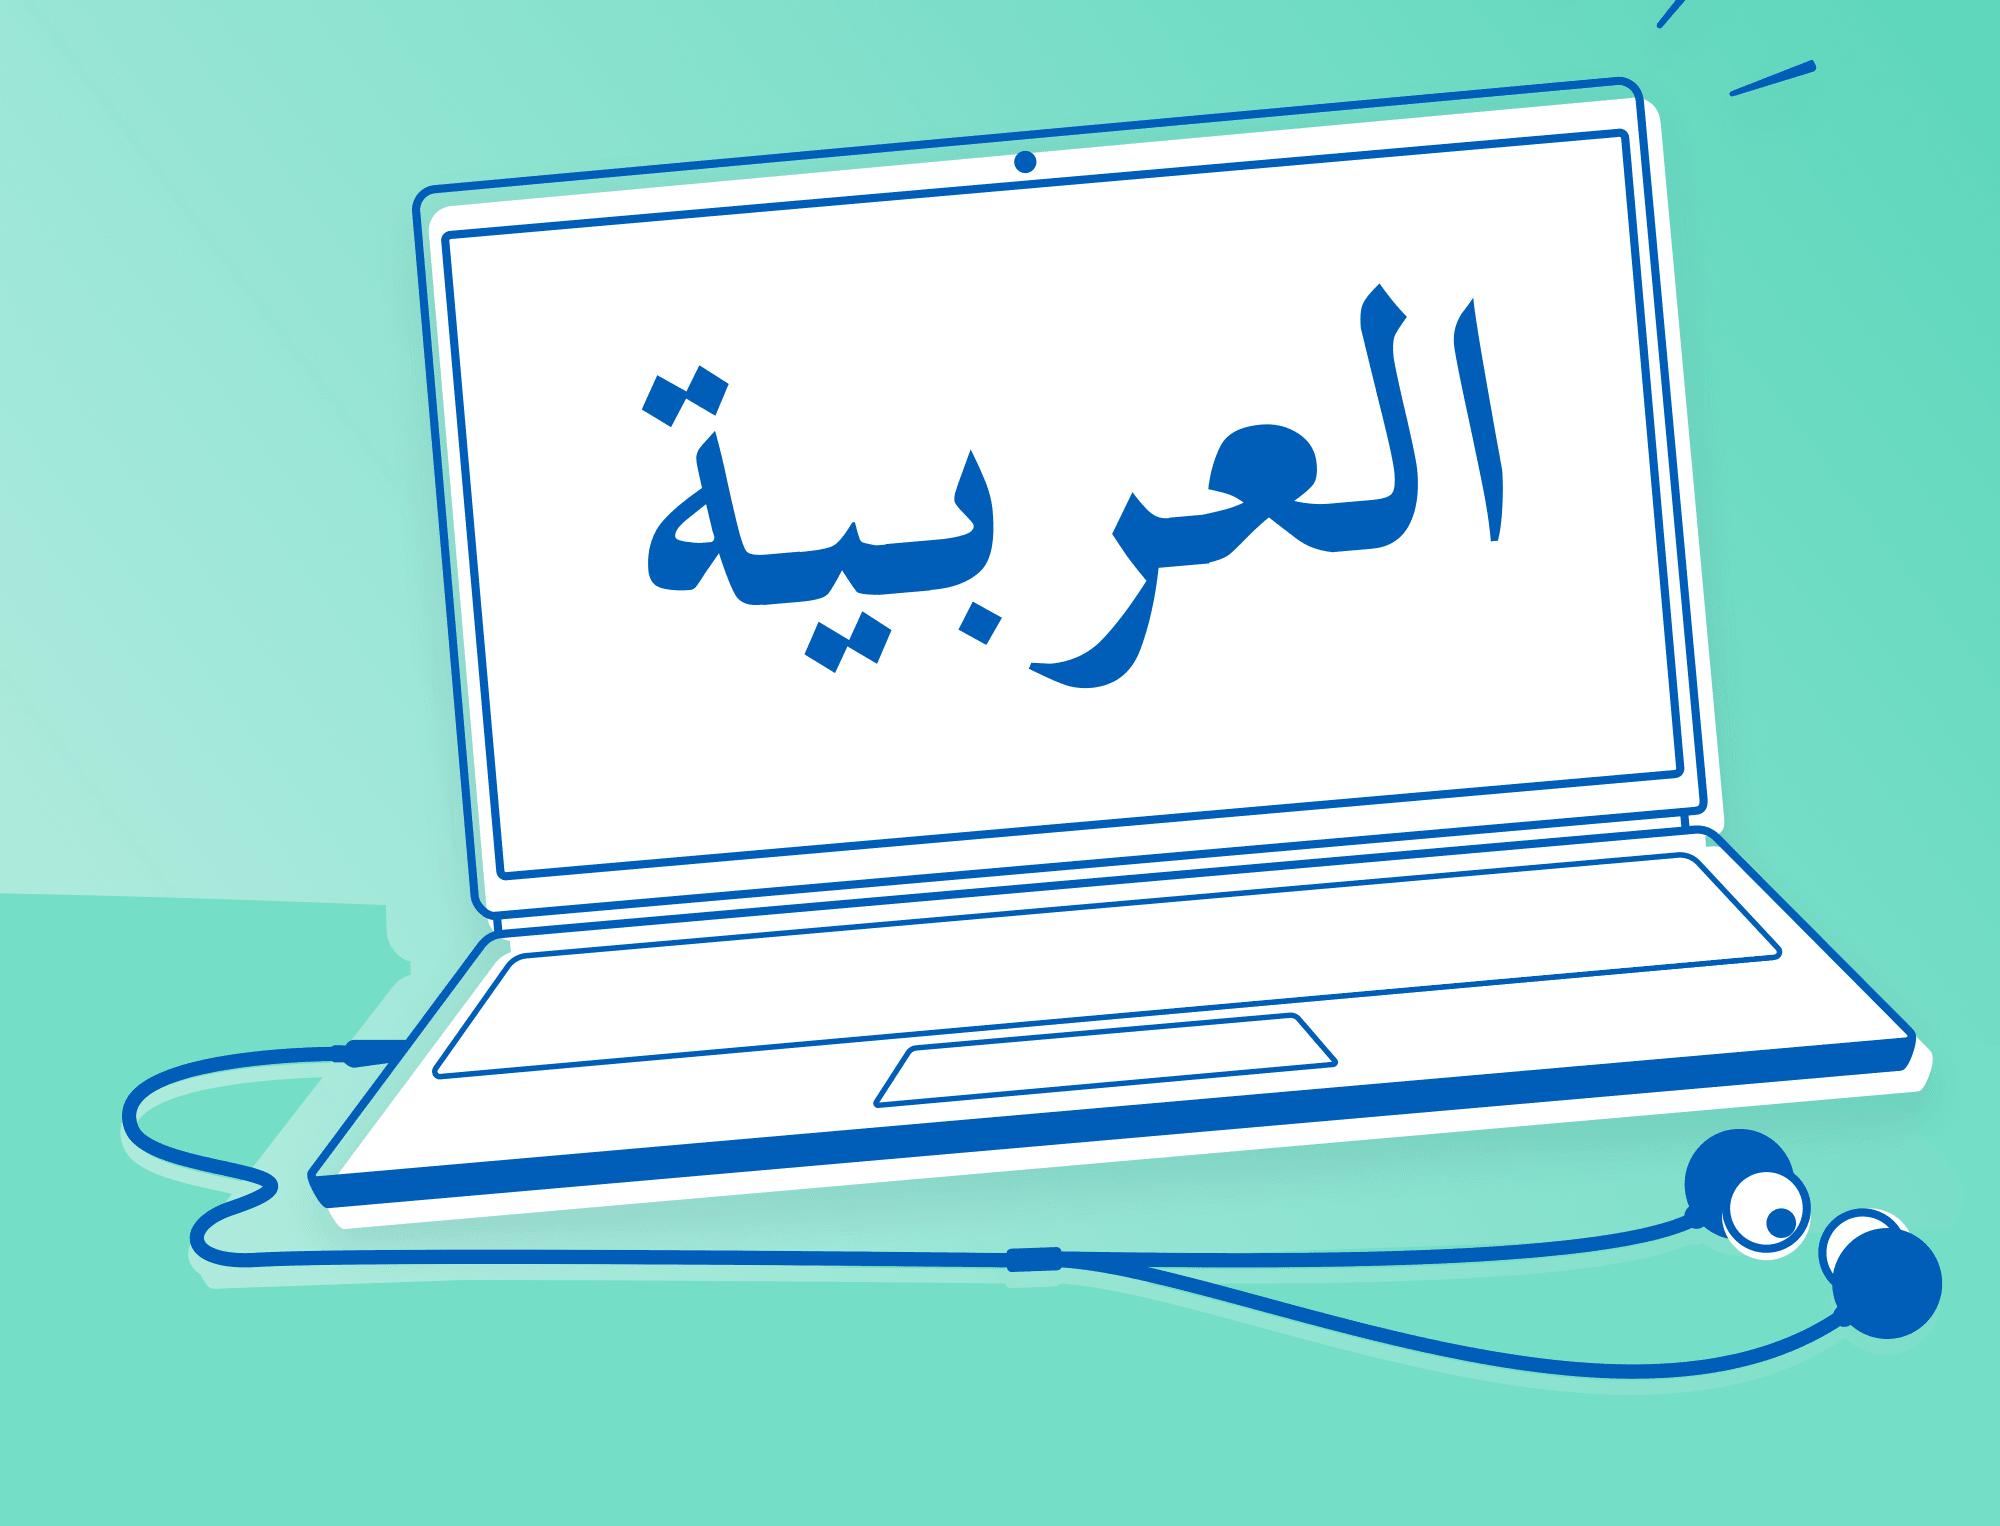 Studiestöd på modersmål - ILT Inläsningstjänst